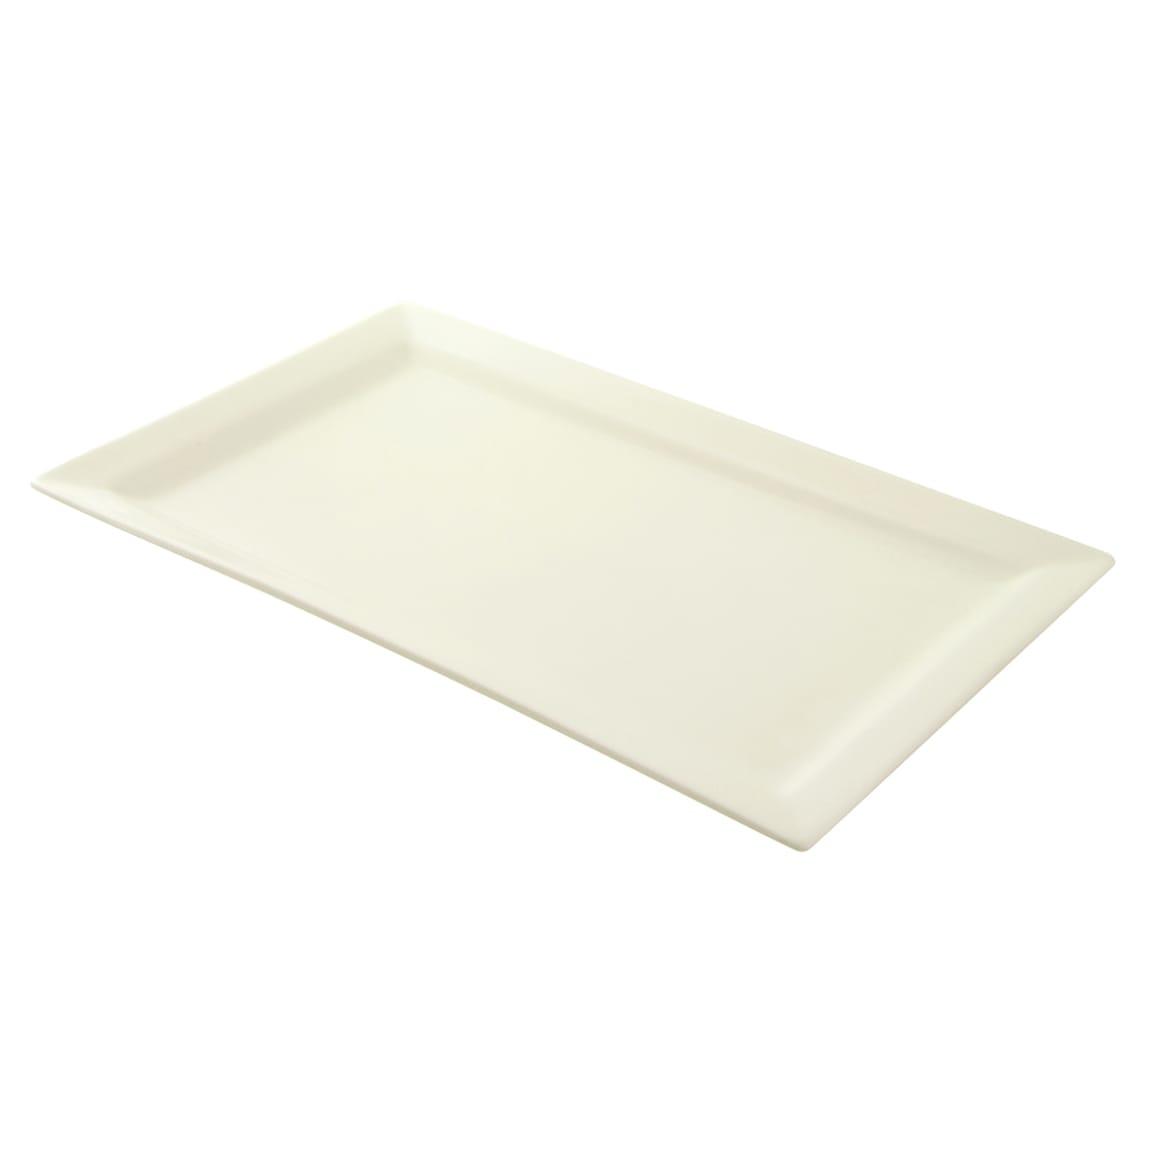 """10 Strawberry Street WTR-17-11REC Rectangular Whittier Platter - 17.75"""" x 10.63"""", Porcelain, White"""